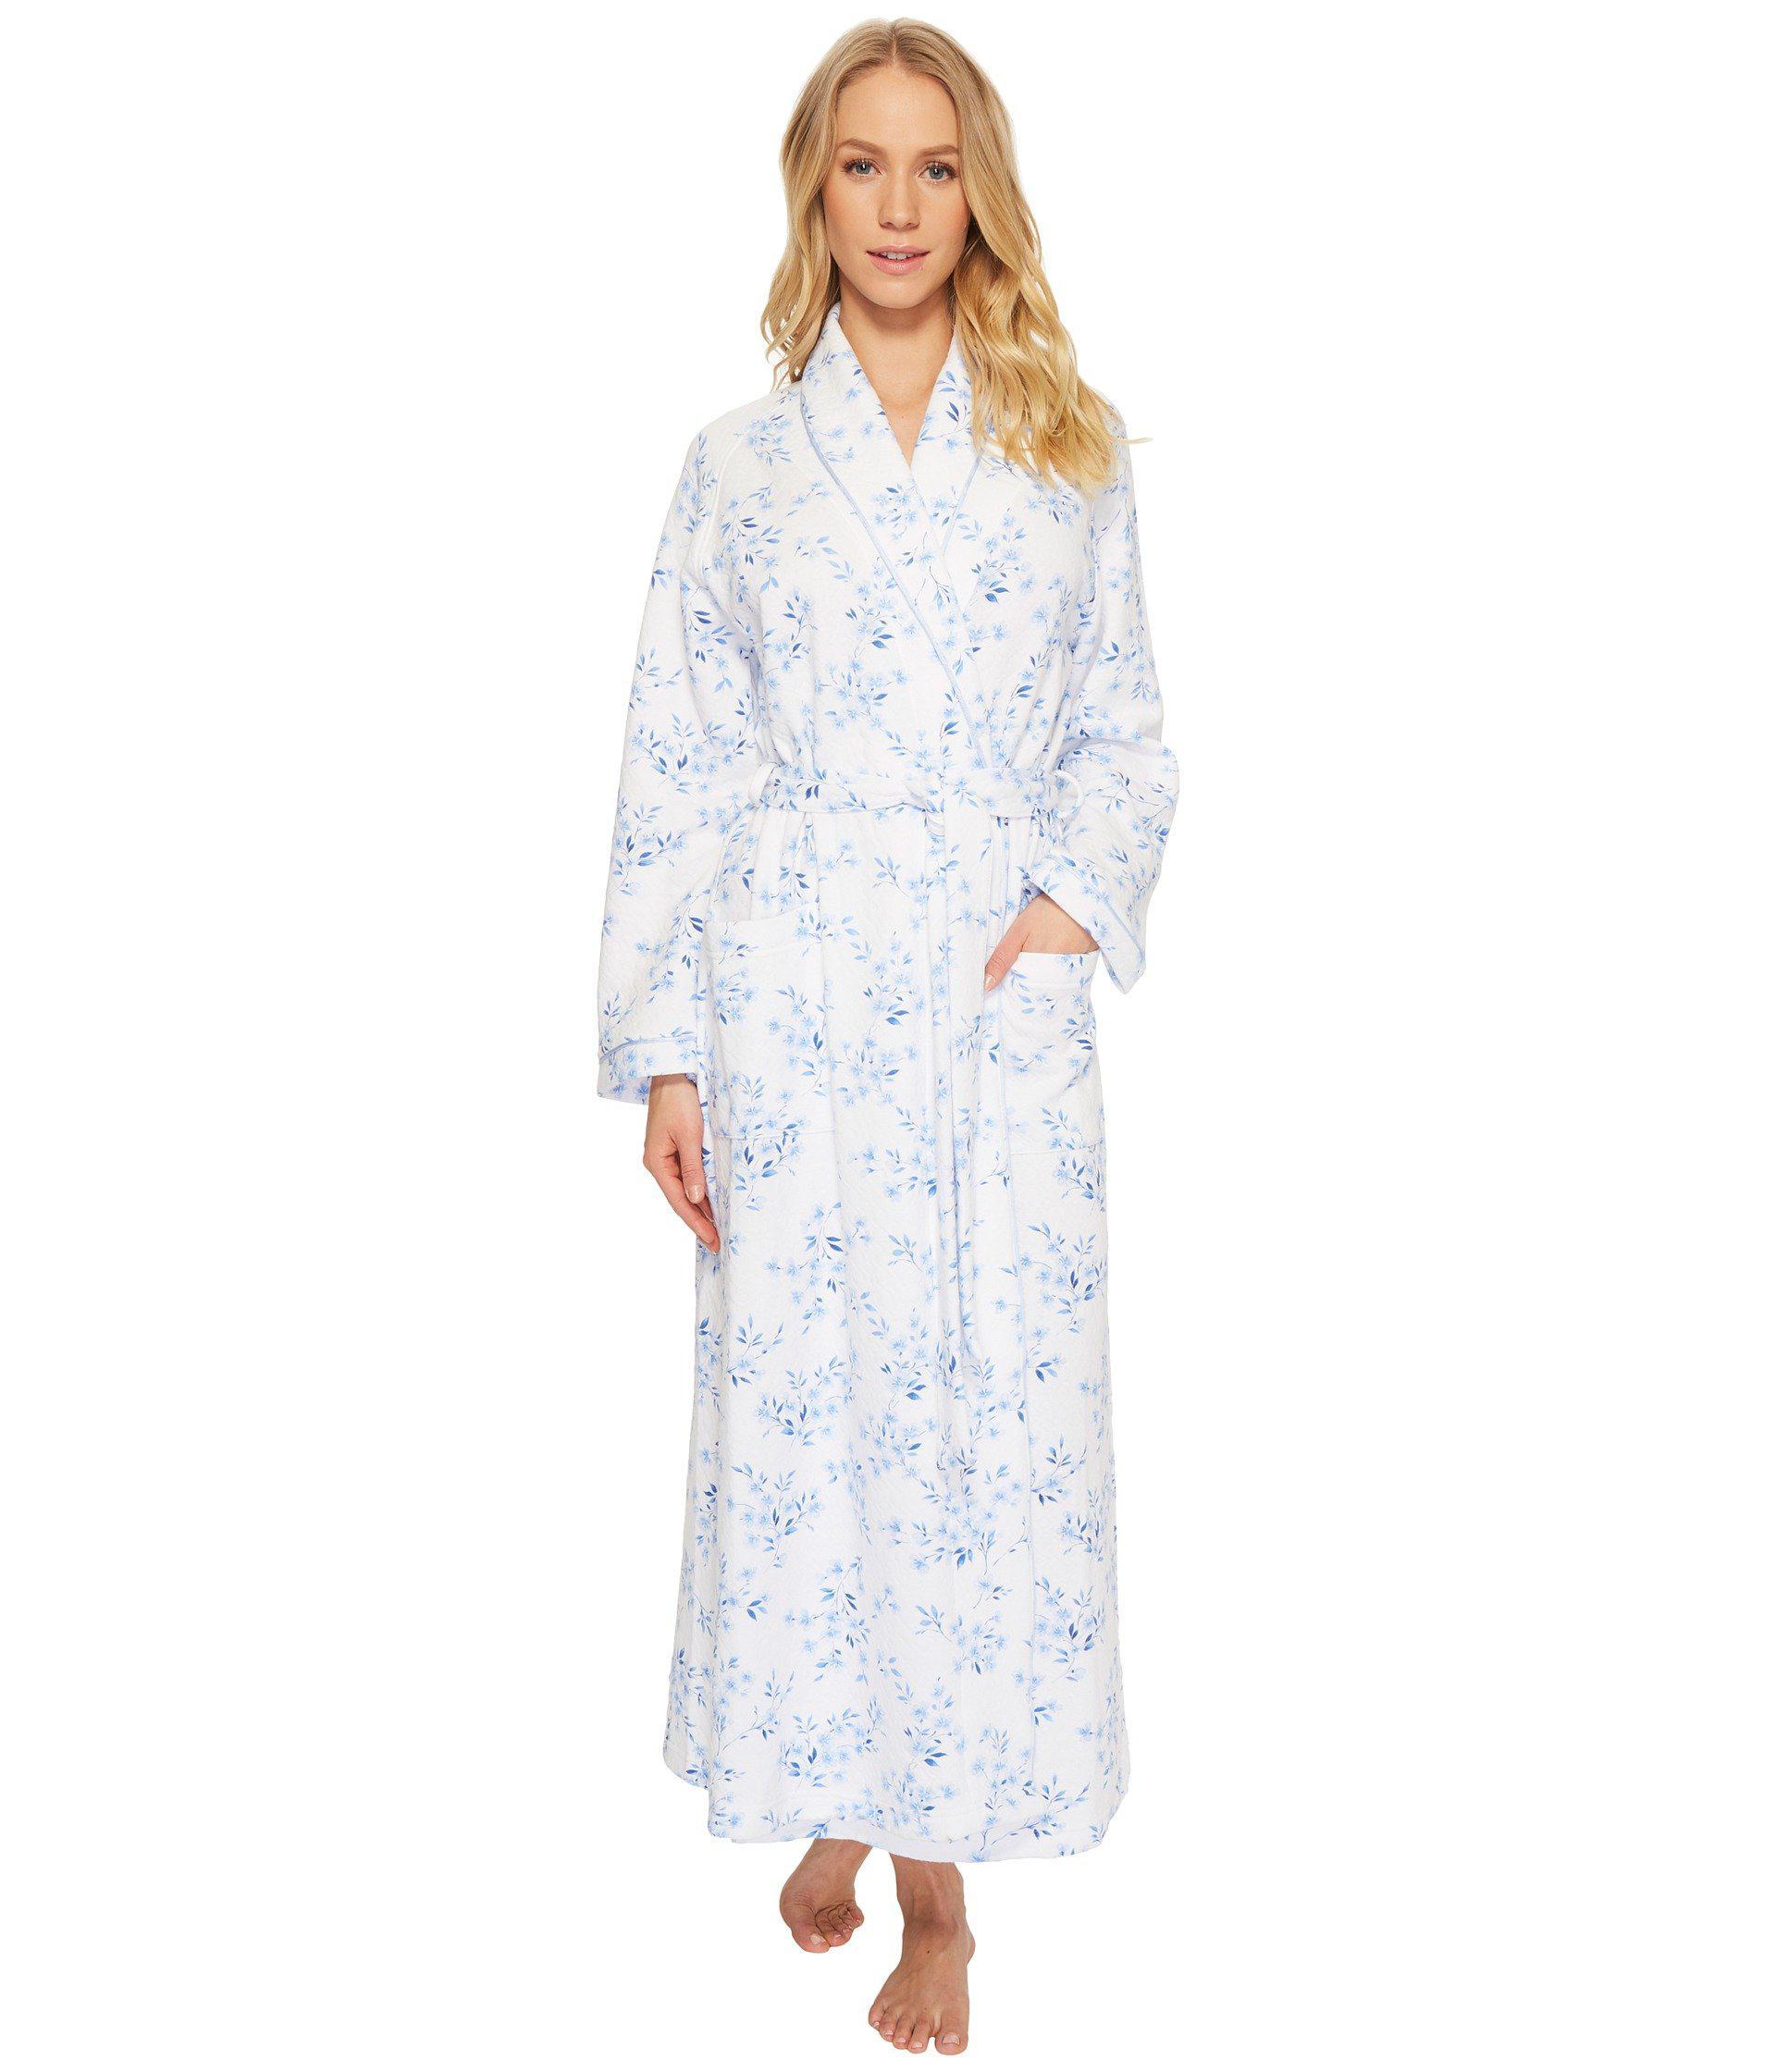 Lyst - Carole hochman Double Diamond Quilt Long Robe in Blue